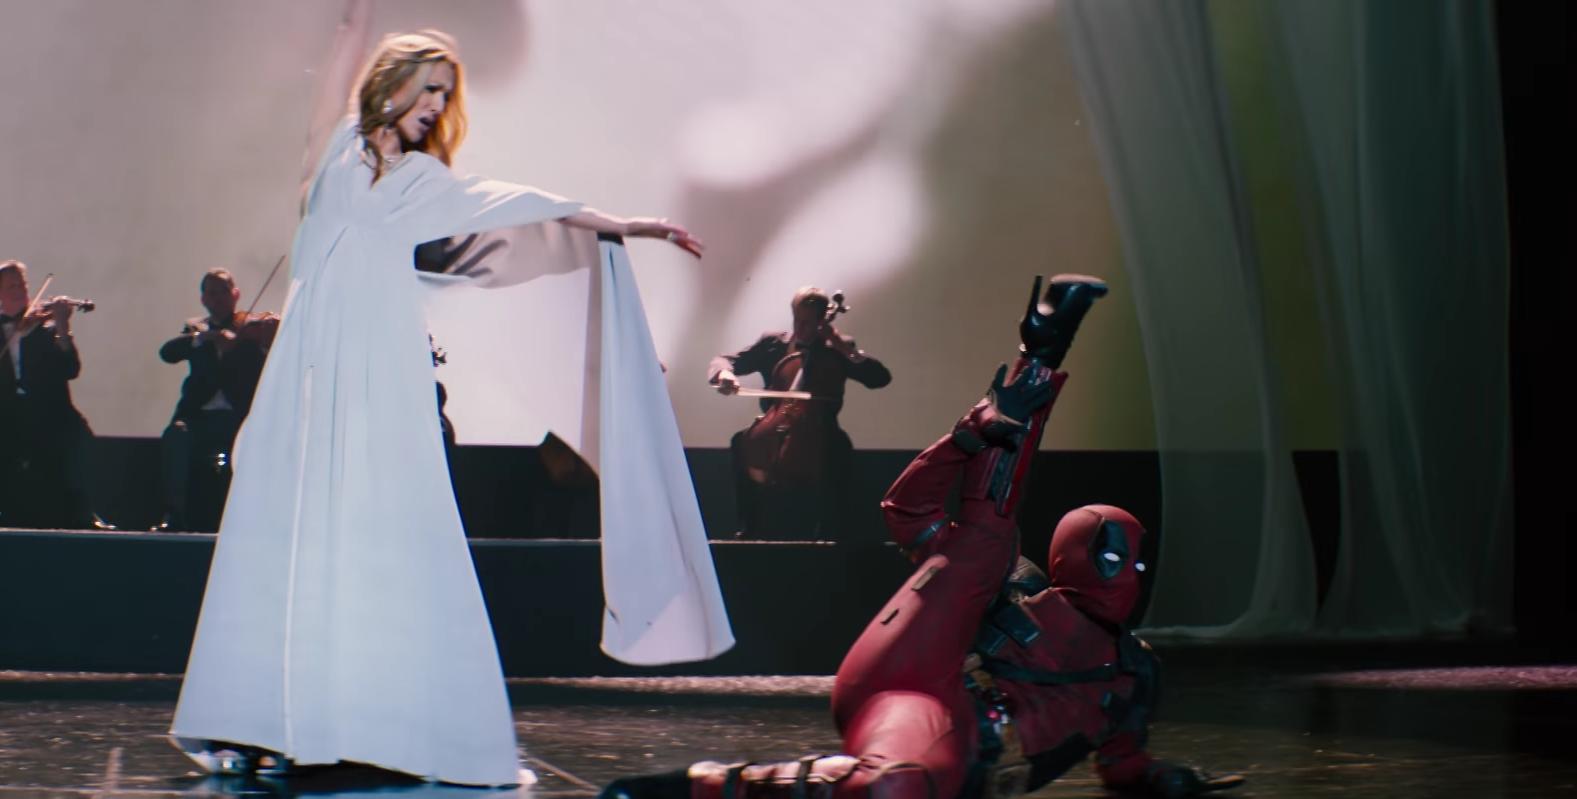 İzleyin: Stiletto Giymiş Bir Deadpool, Celine Dion'a Sahnede Eşlik Etti